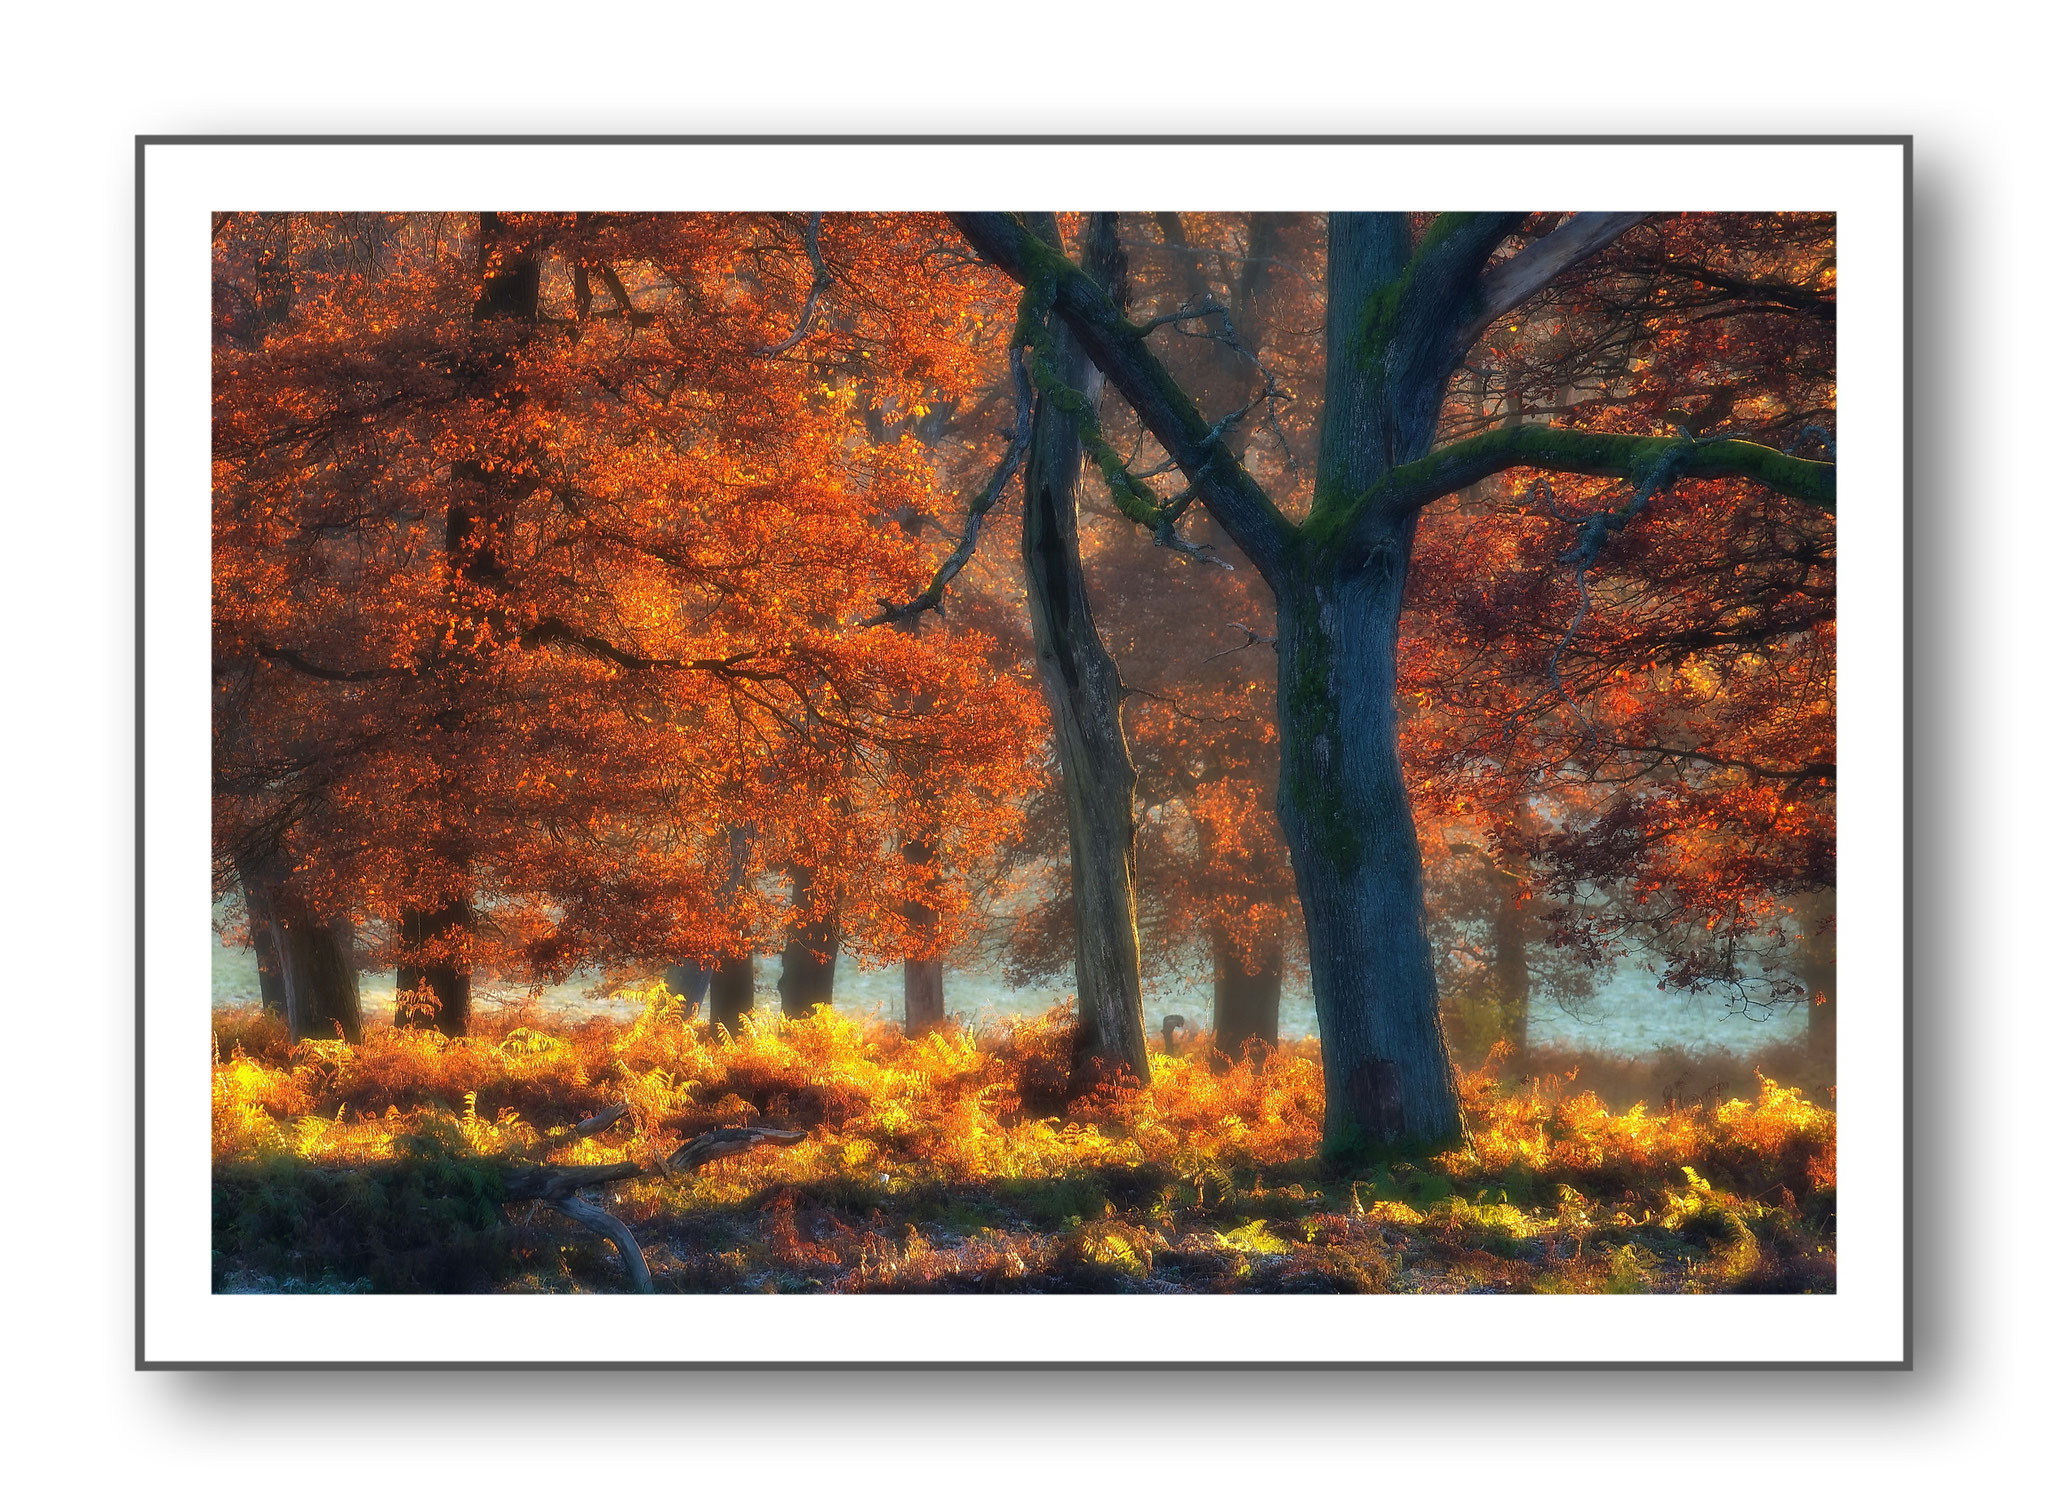 Mehr dieser Bilder unter : Natur - Baum+Wald